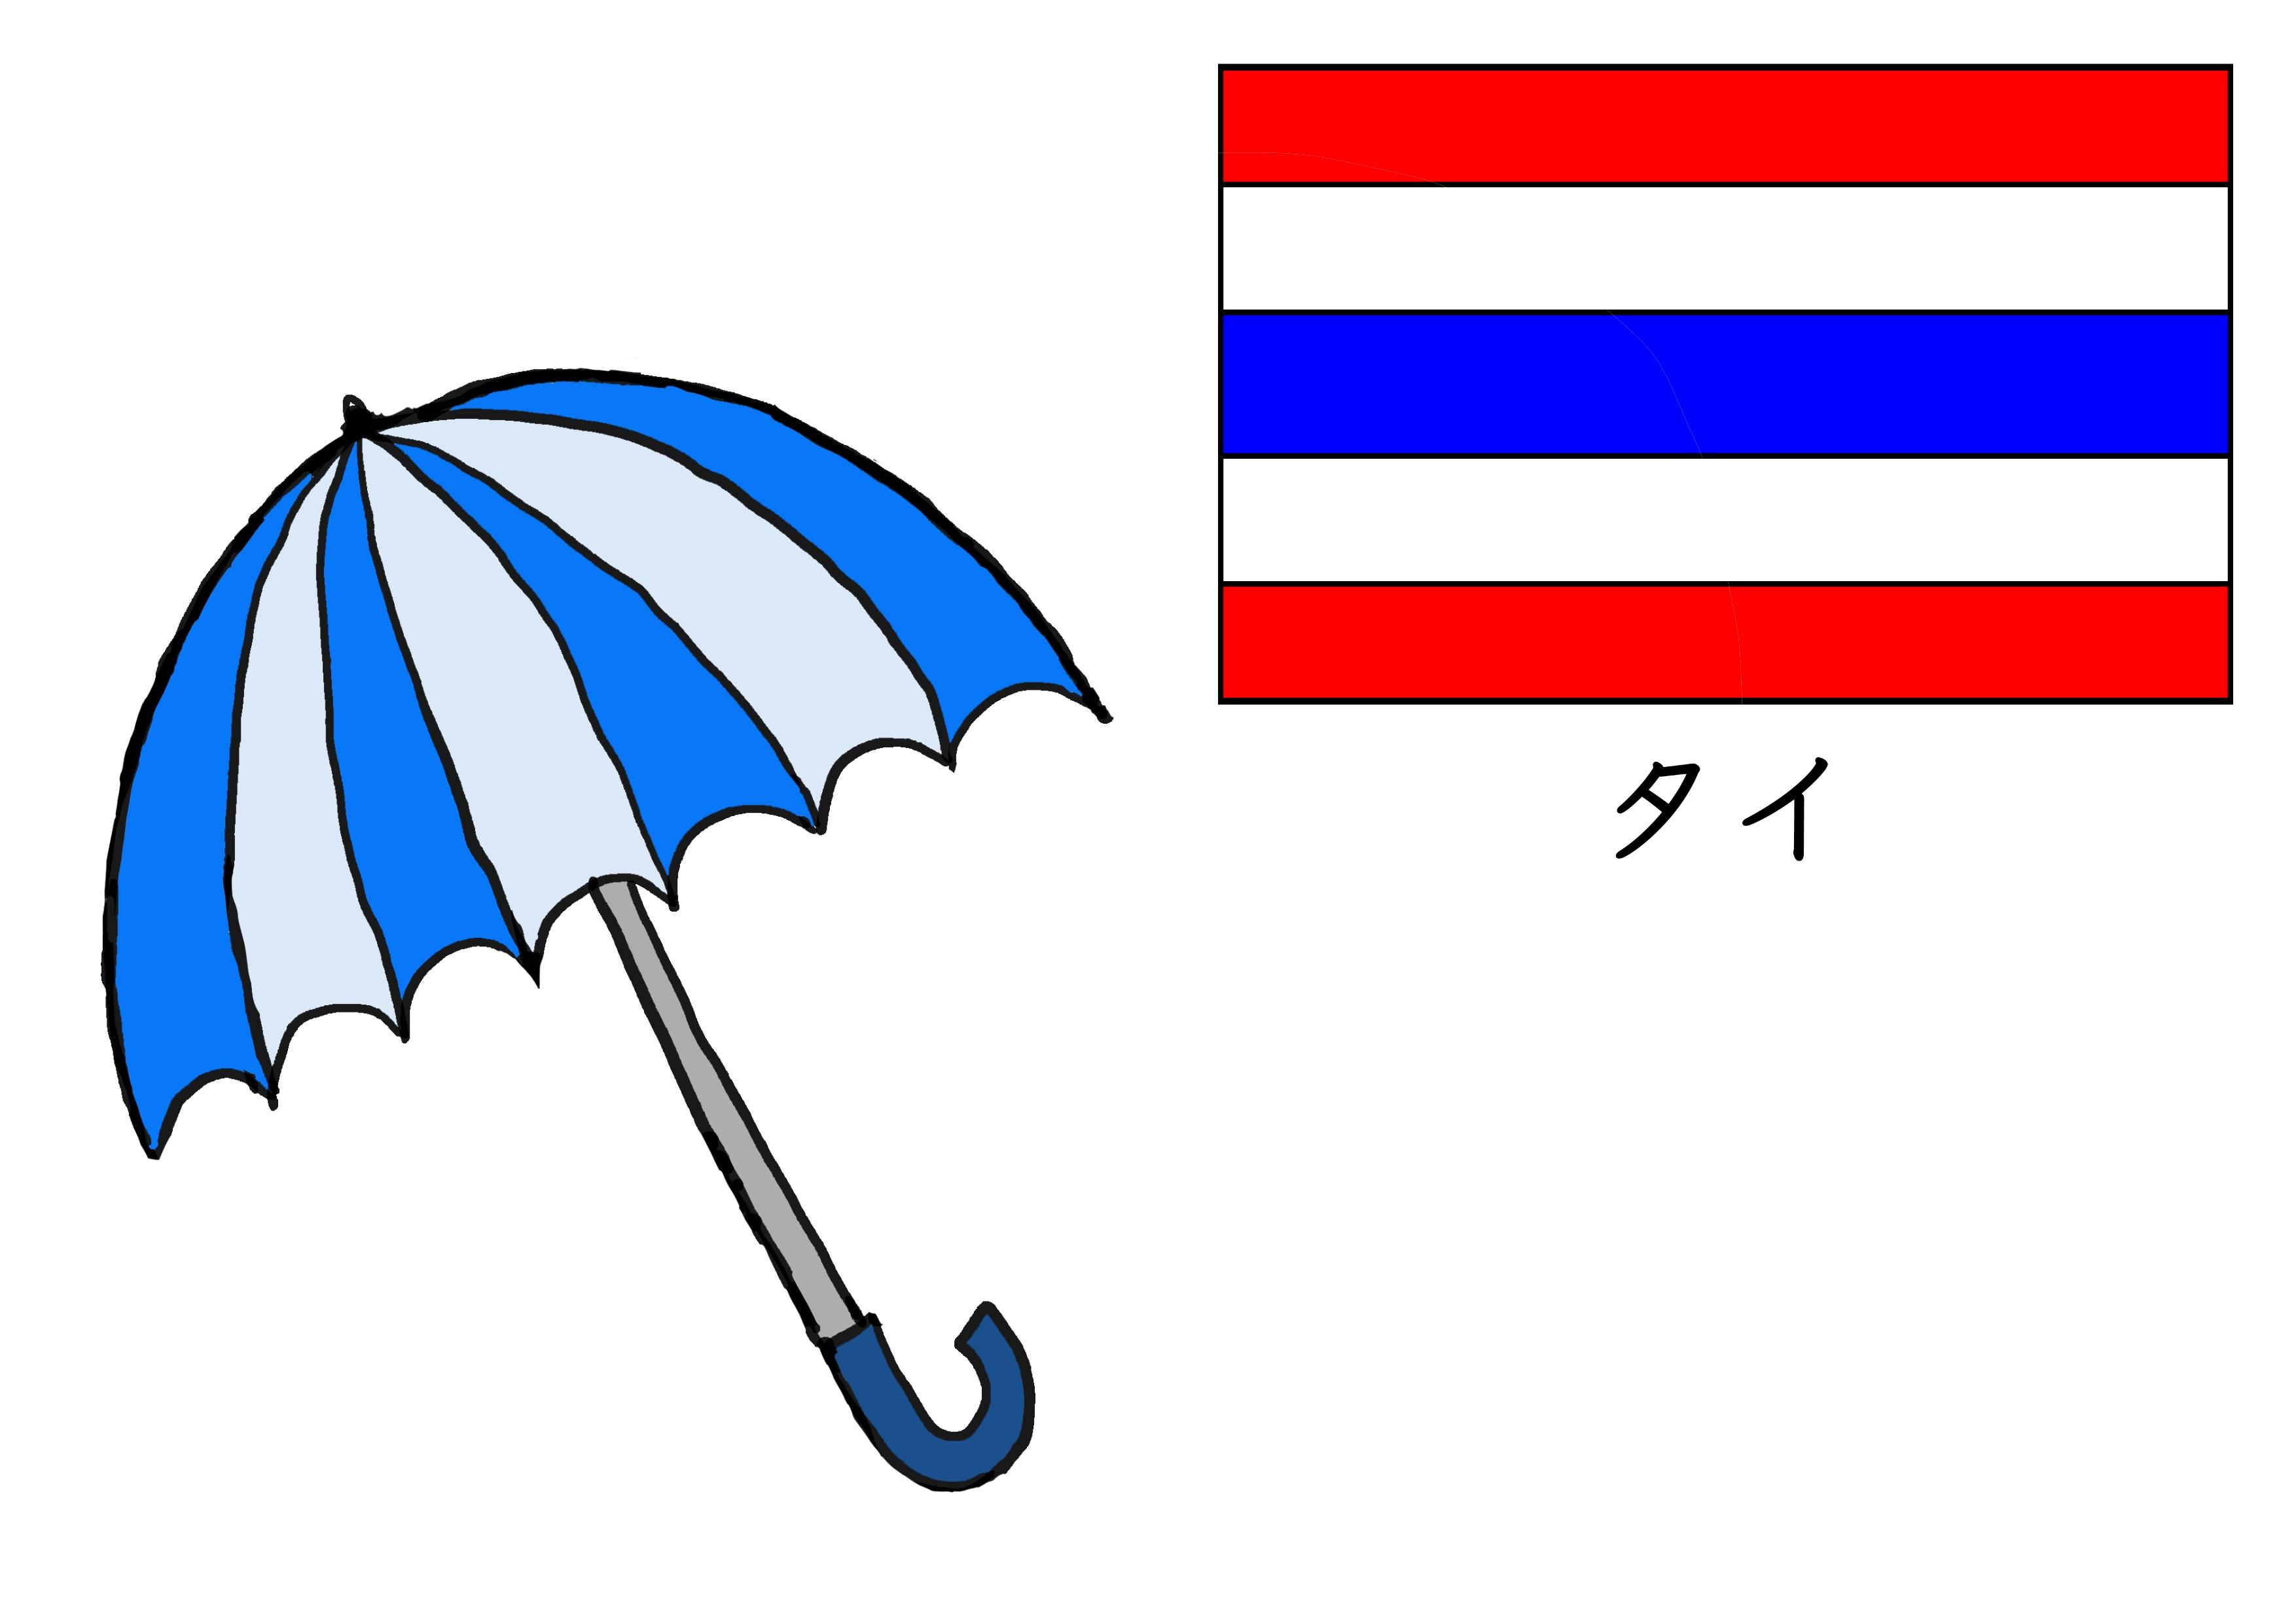 3課イラスト【タイの傘】